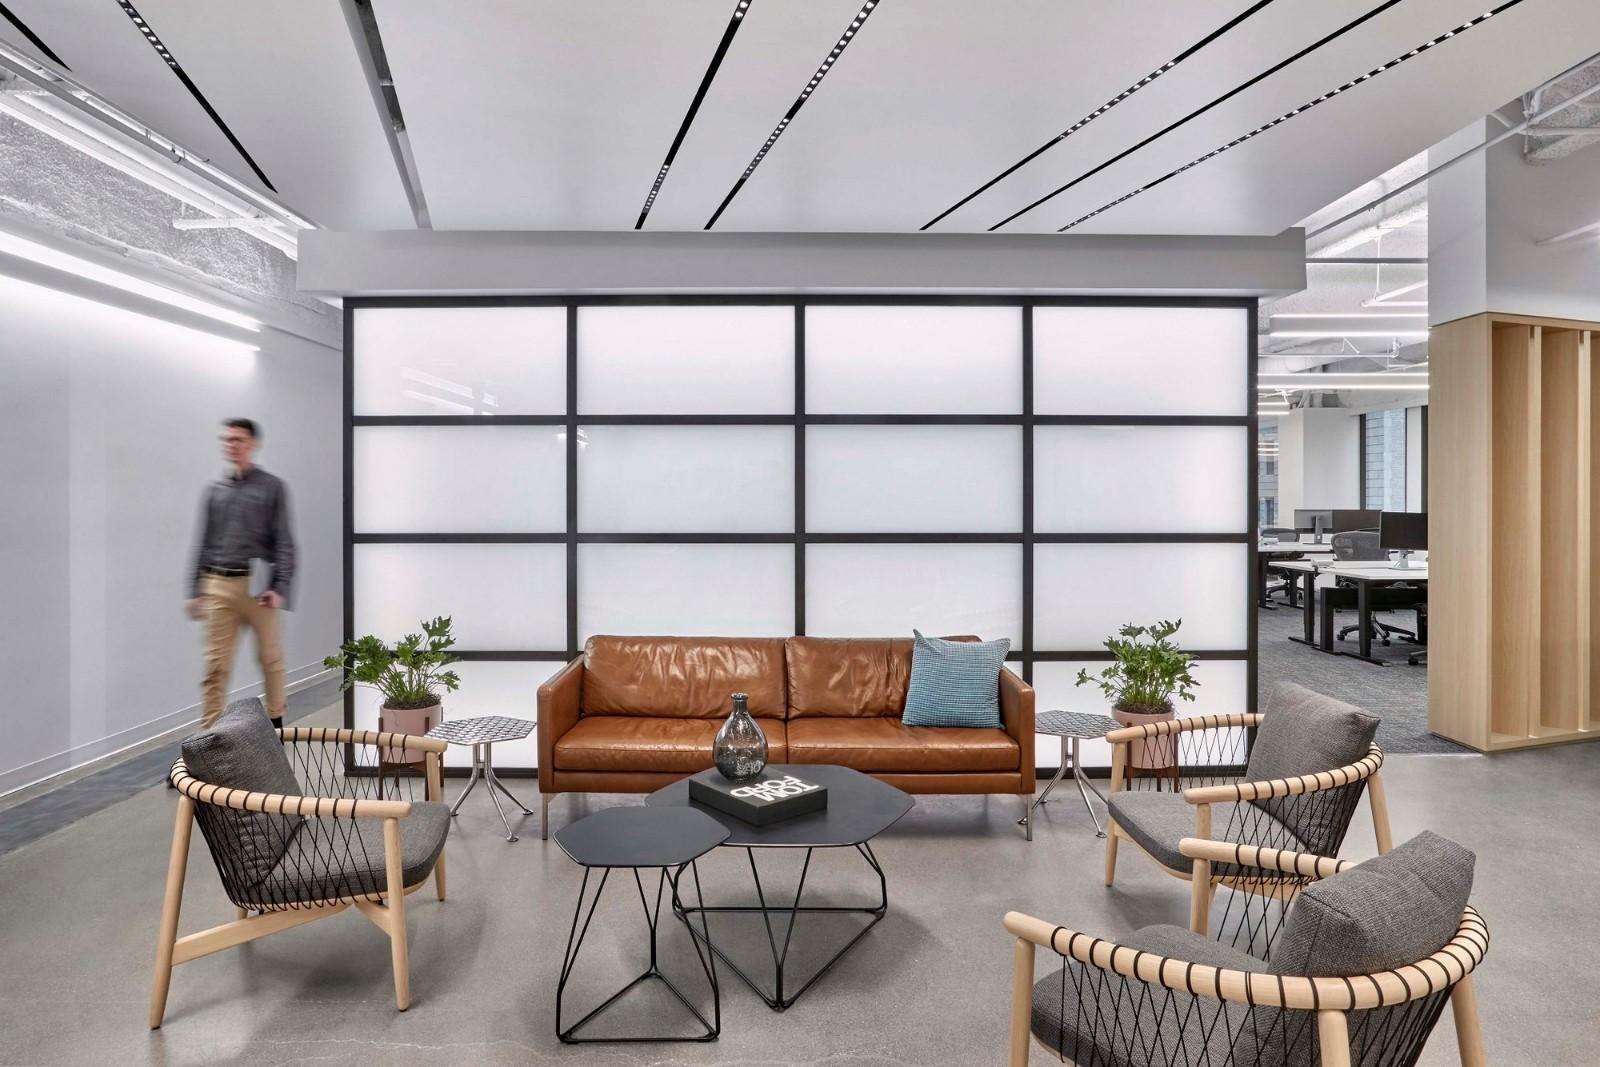 开放与优雅,旧金山Mapbox办公空间 | Revel Architecture & Design插图4